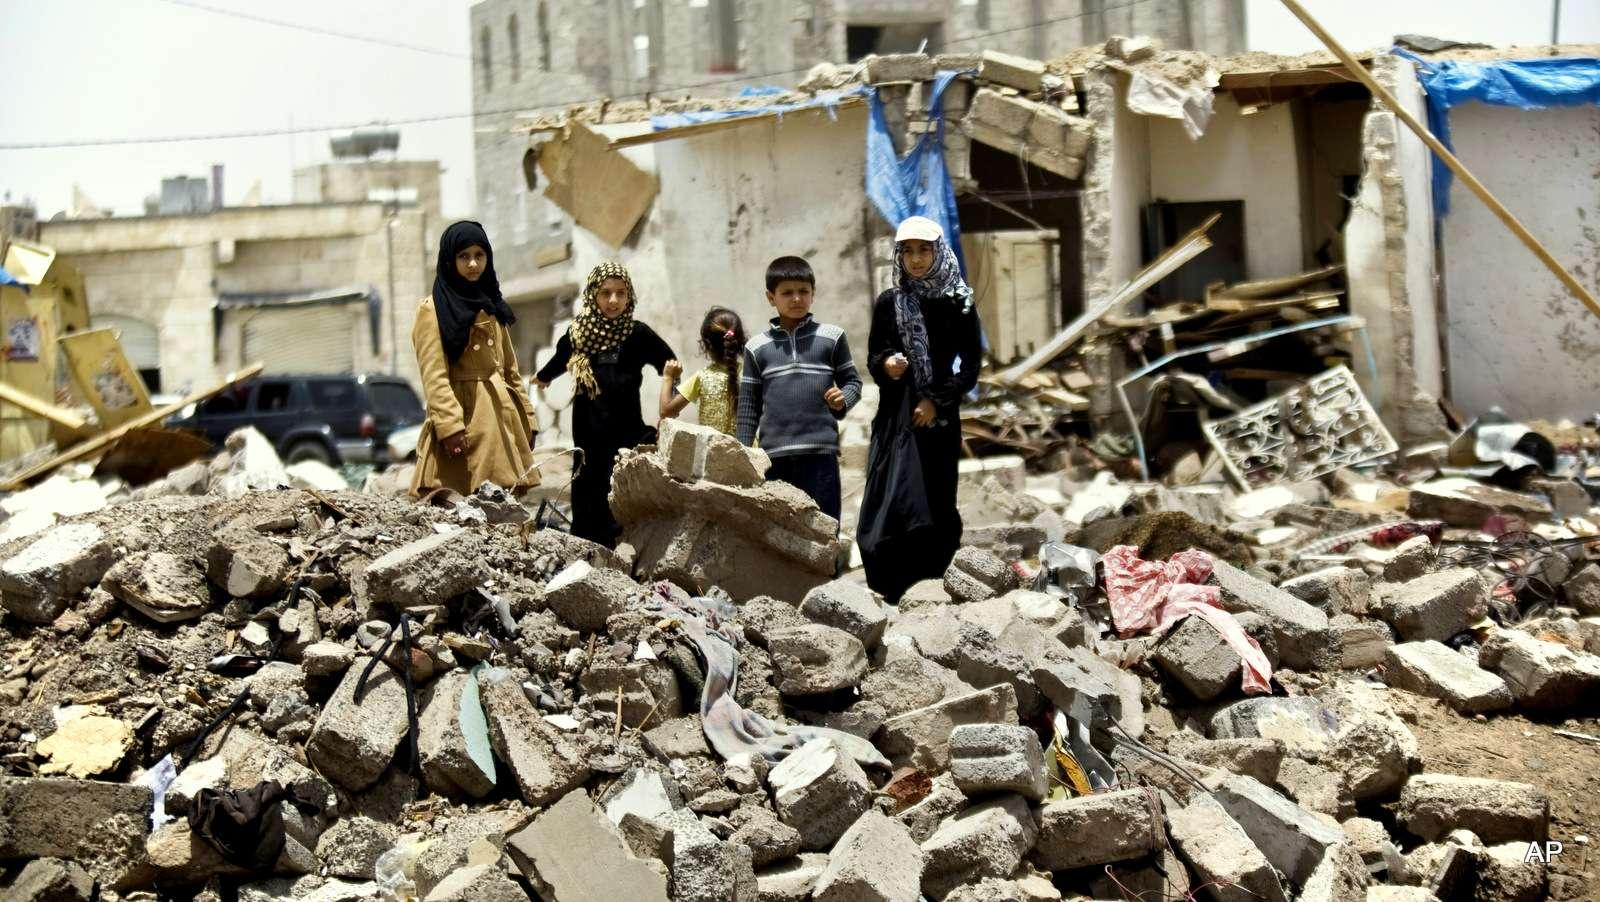 عقب مقتل 4 أطفال بغارة أمس.. الأورومتوسطي يدعو لإعادة إدراج التحالف السعودي والإماراتي في تقرير الأمم المتحدة السنوي عن قتل الأطفال والنزاع المسلح